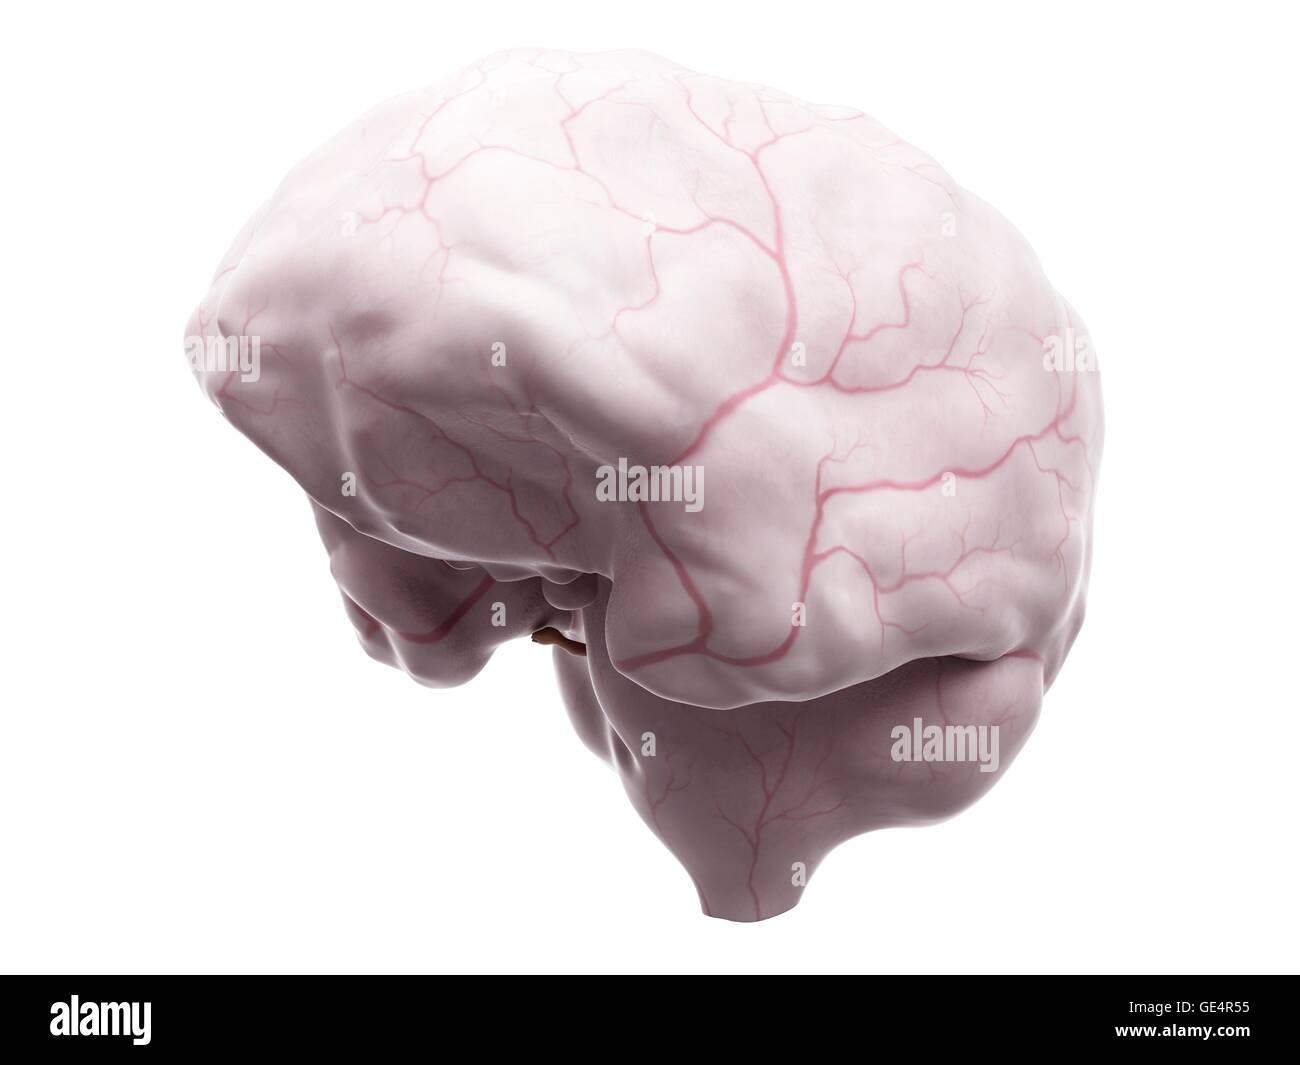 Ausgezeichnet Vergleichende Anatomie Des Gehirns Zeitgenössisch ...